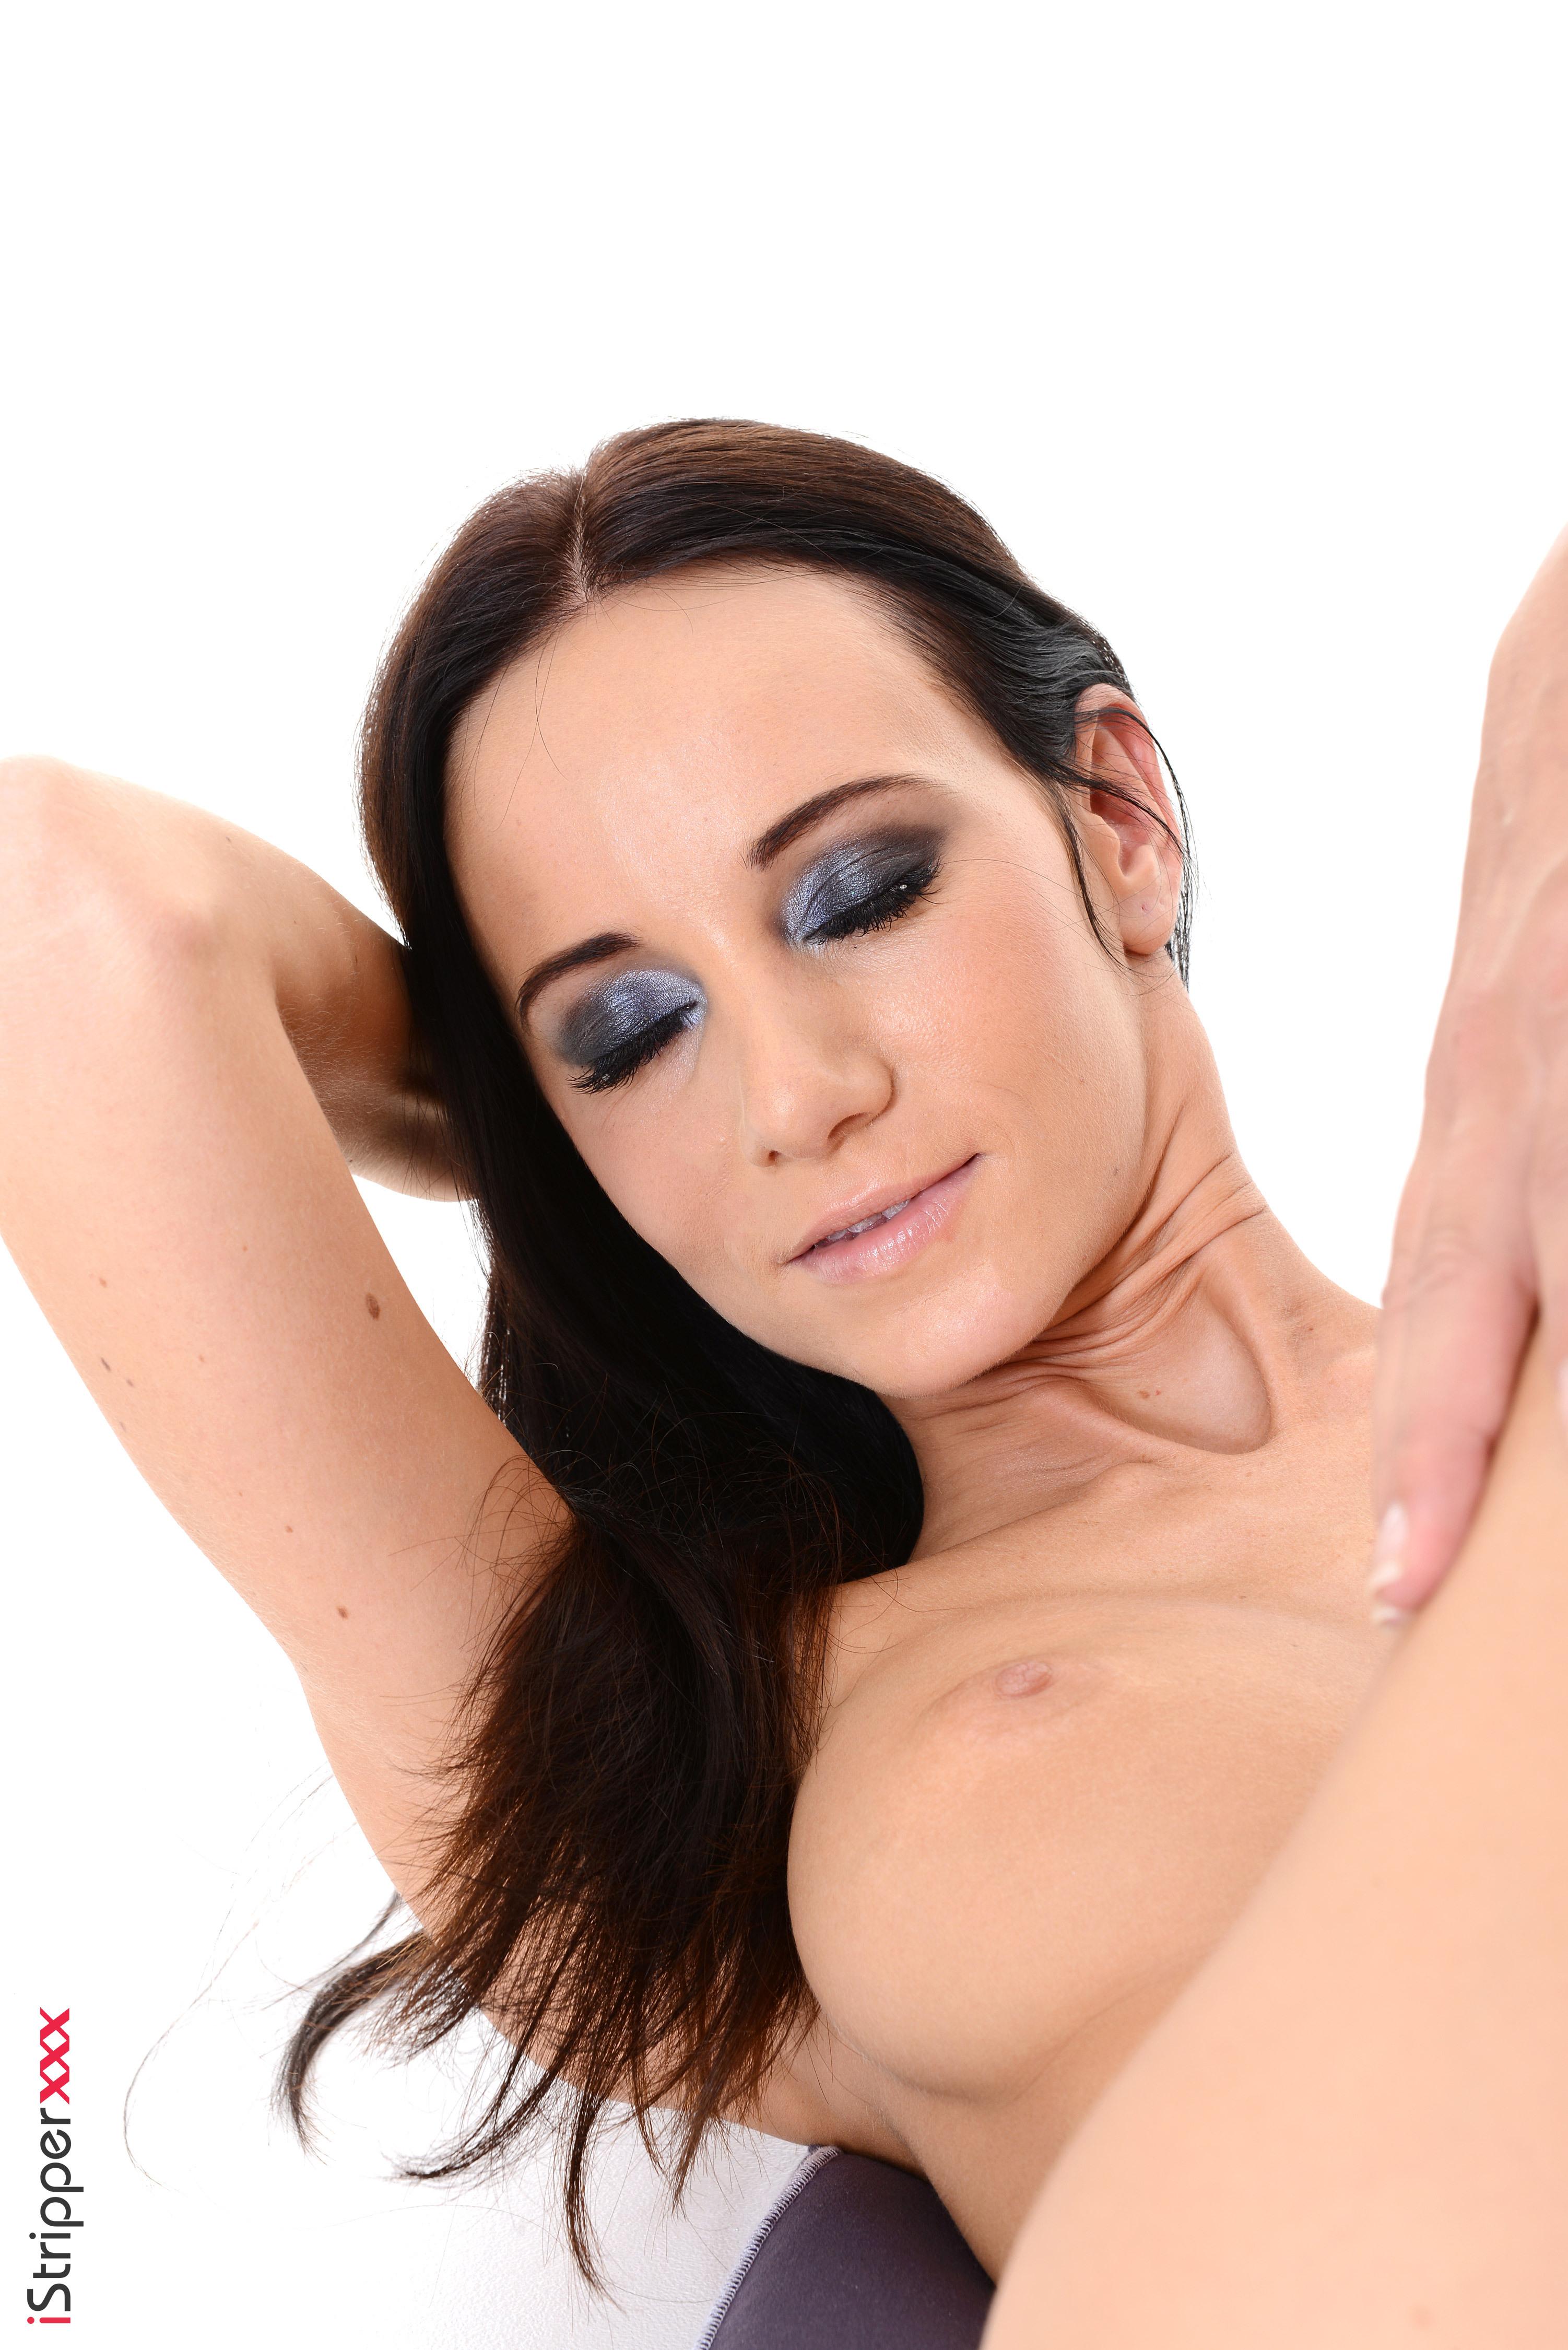 wallpaper nude women